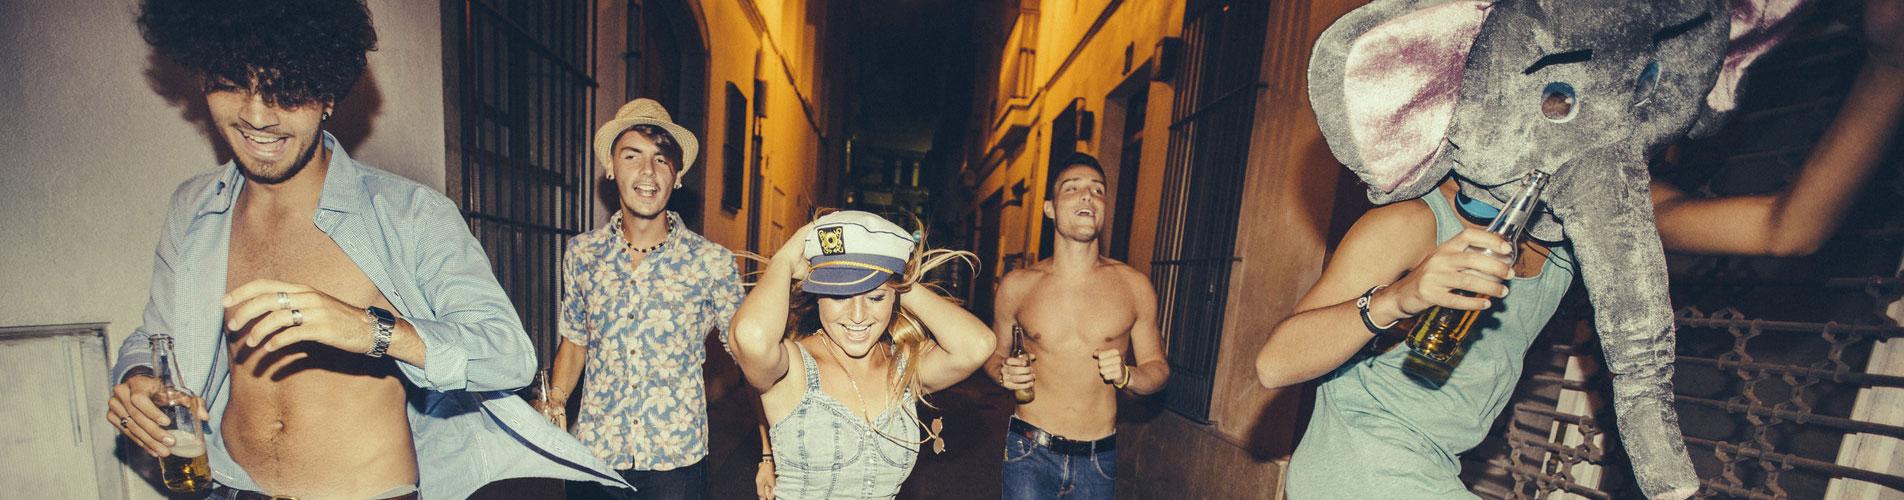 Partyurlaub<br /> mit FUN-Reisen &mdash;